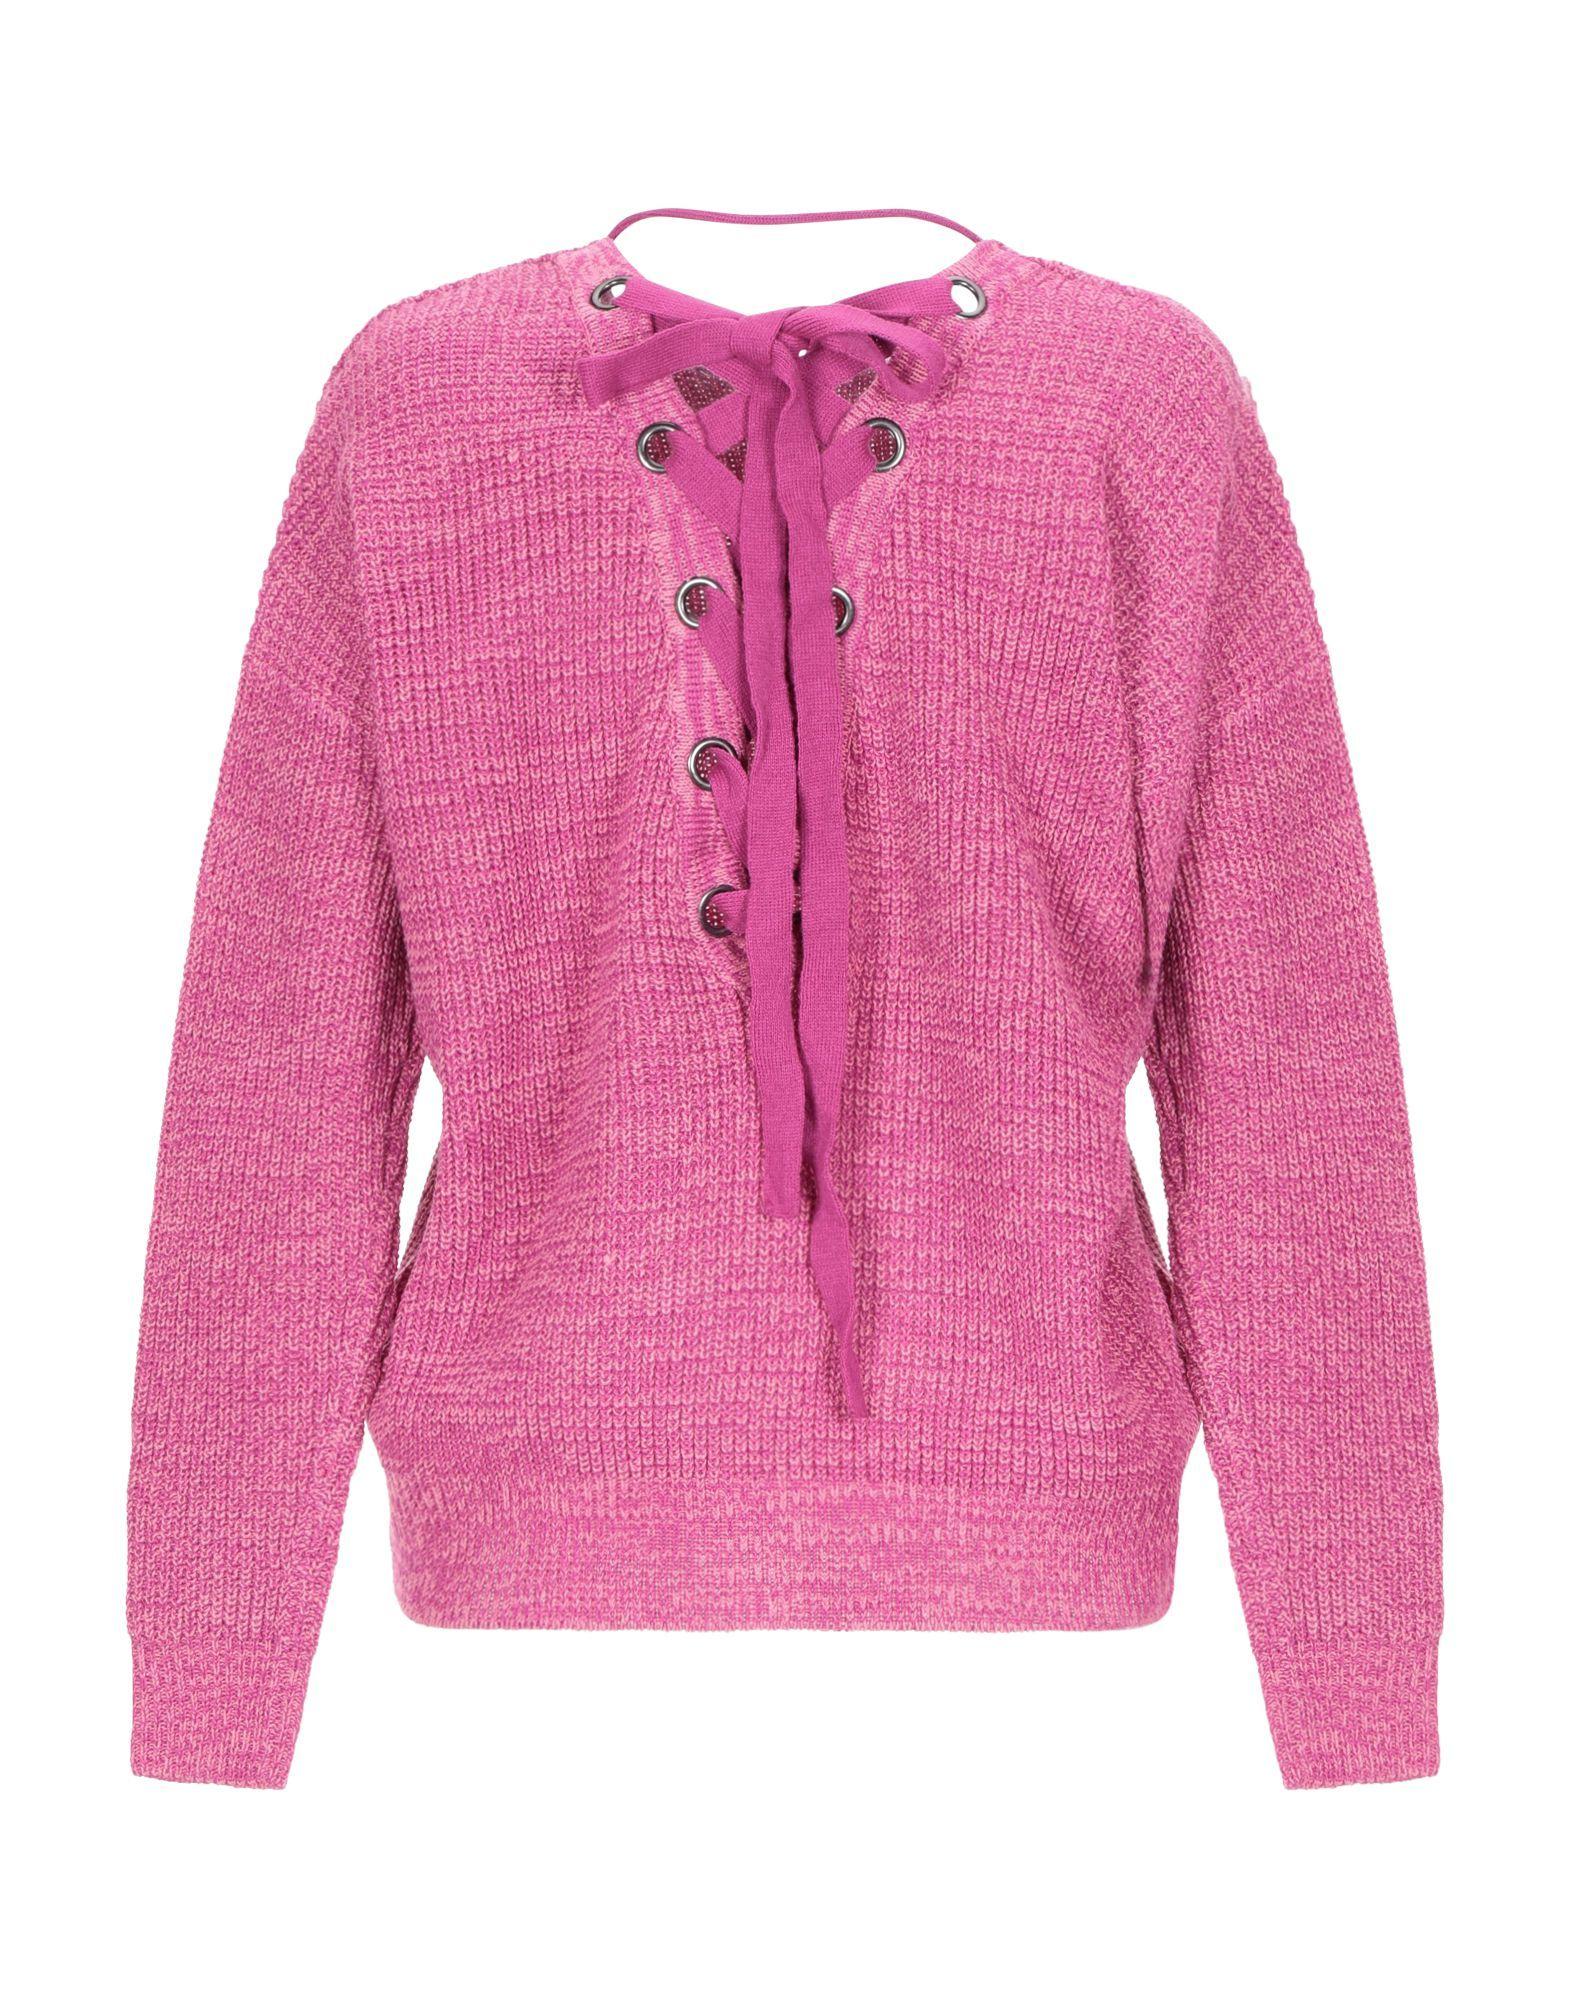 Vero Moda Fuchsia Knit Jumper